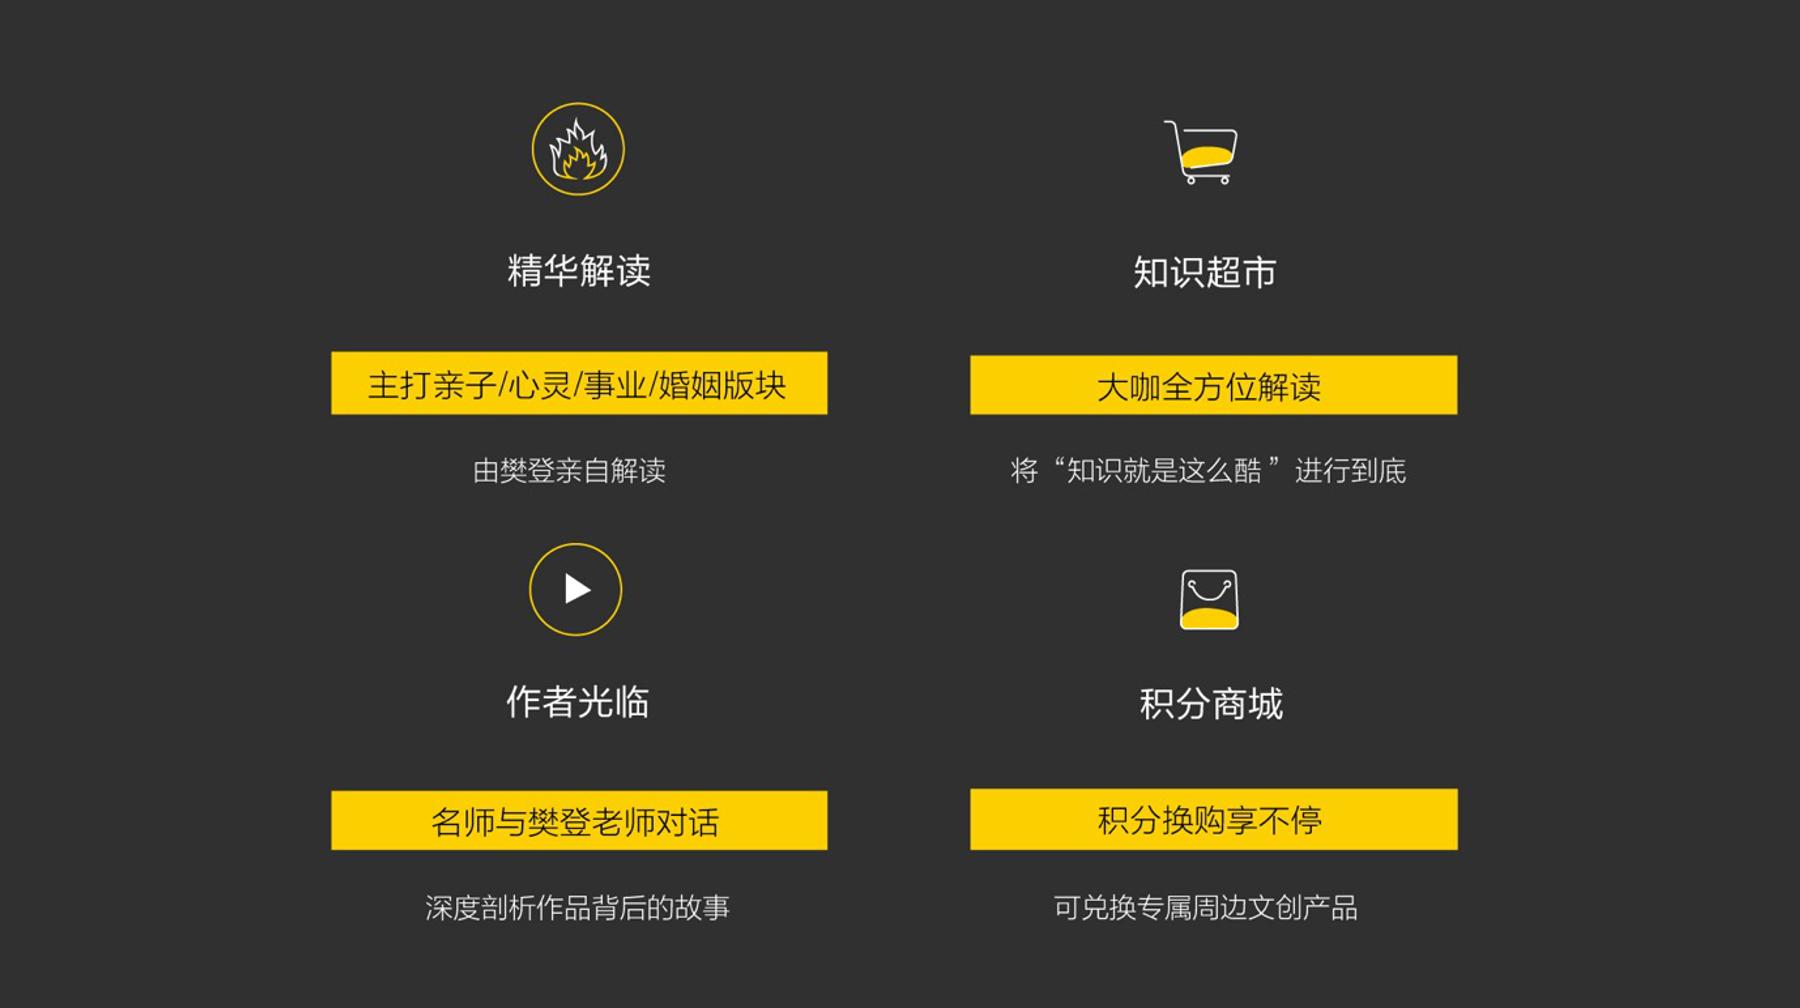 樊登读书(图5)